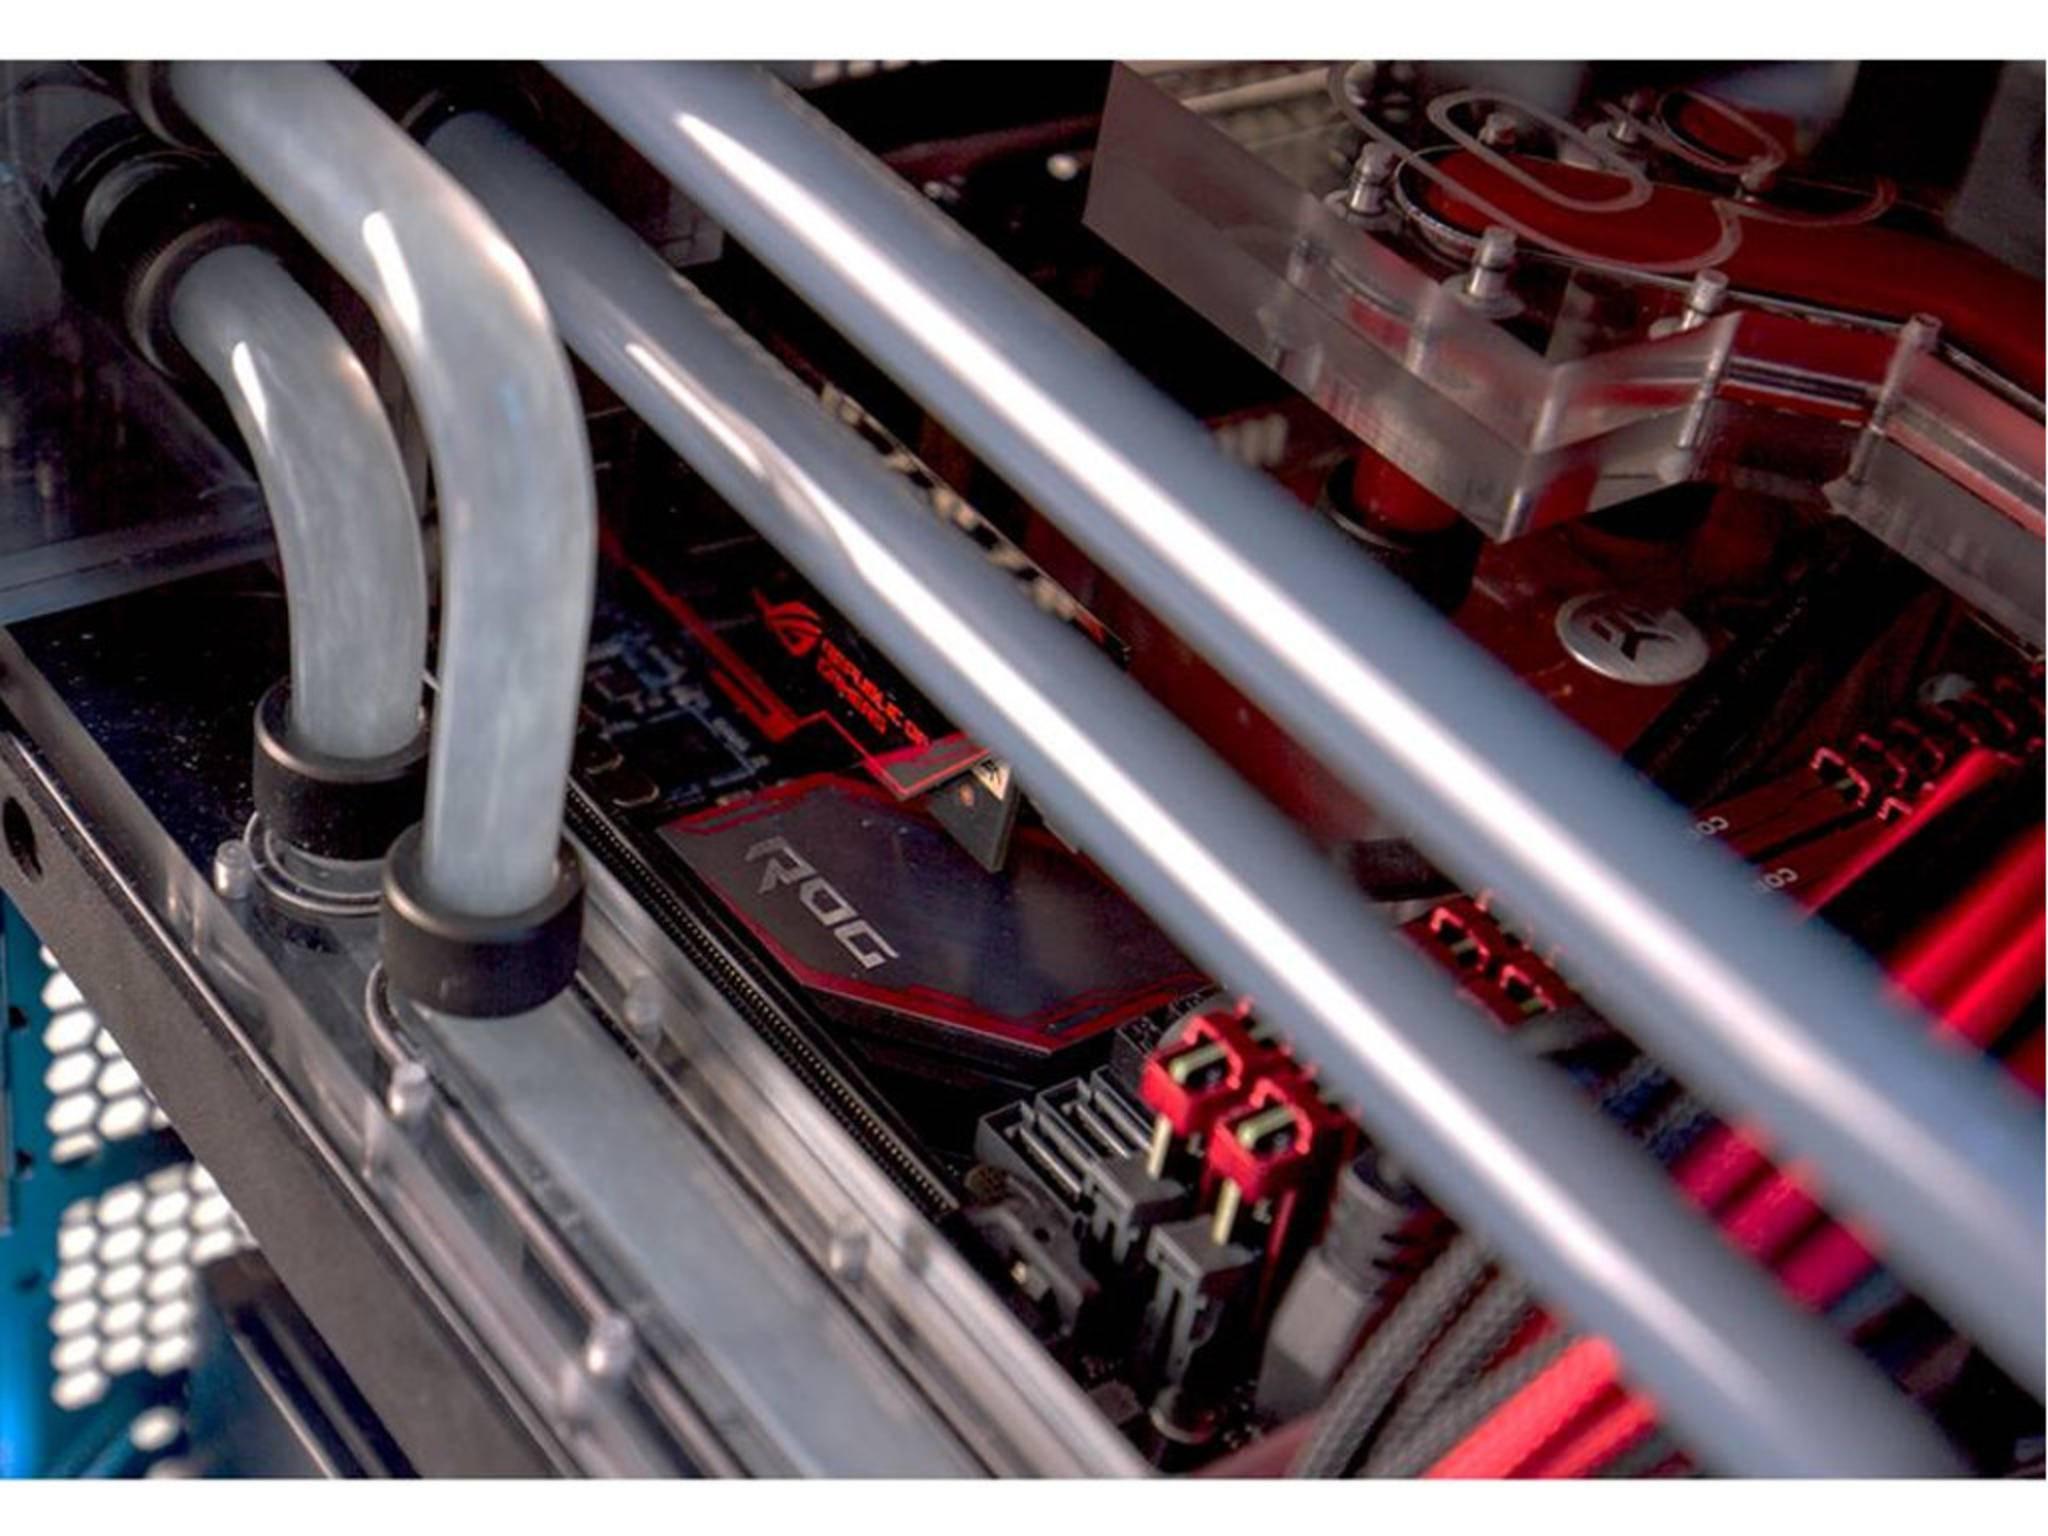 Die Röhren aus Acryl transportieren die Kühlflüssigkeit.